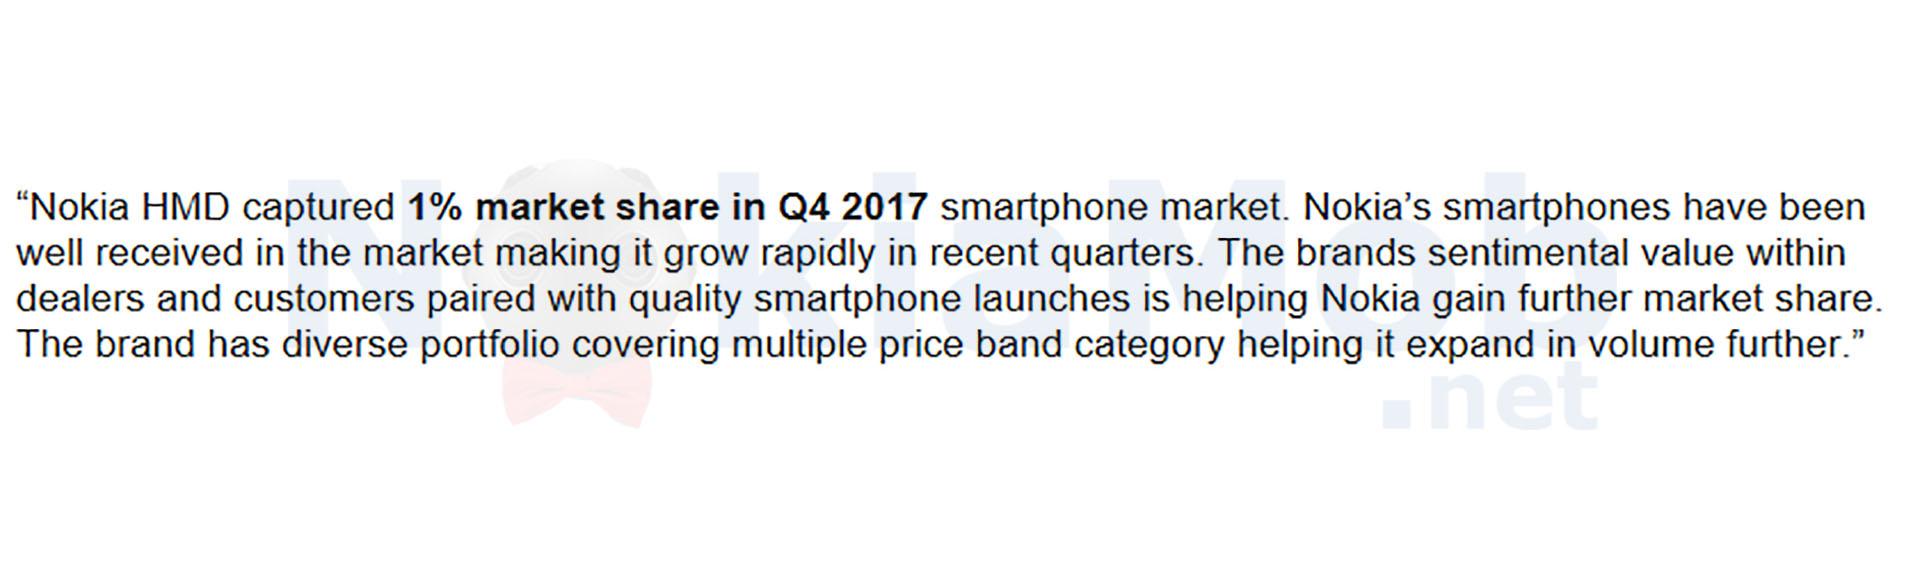 Nokia smartphones captured 1% of global market share in Q4